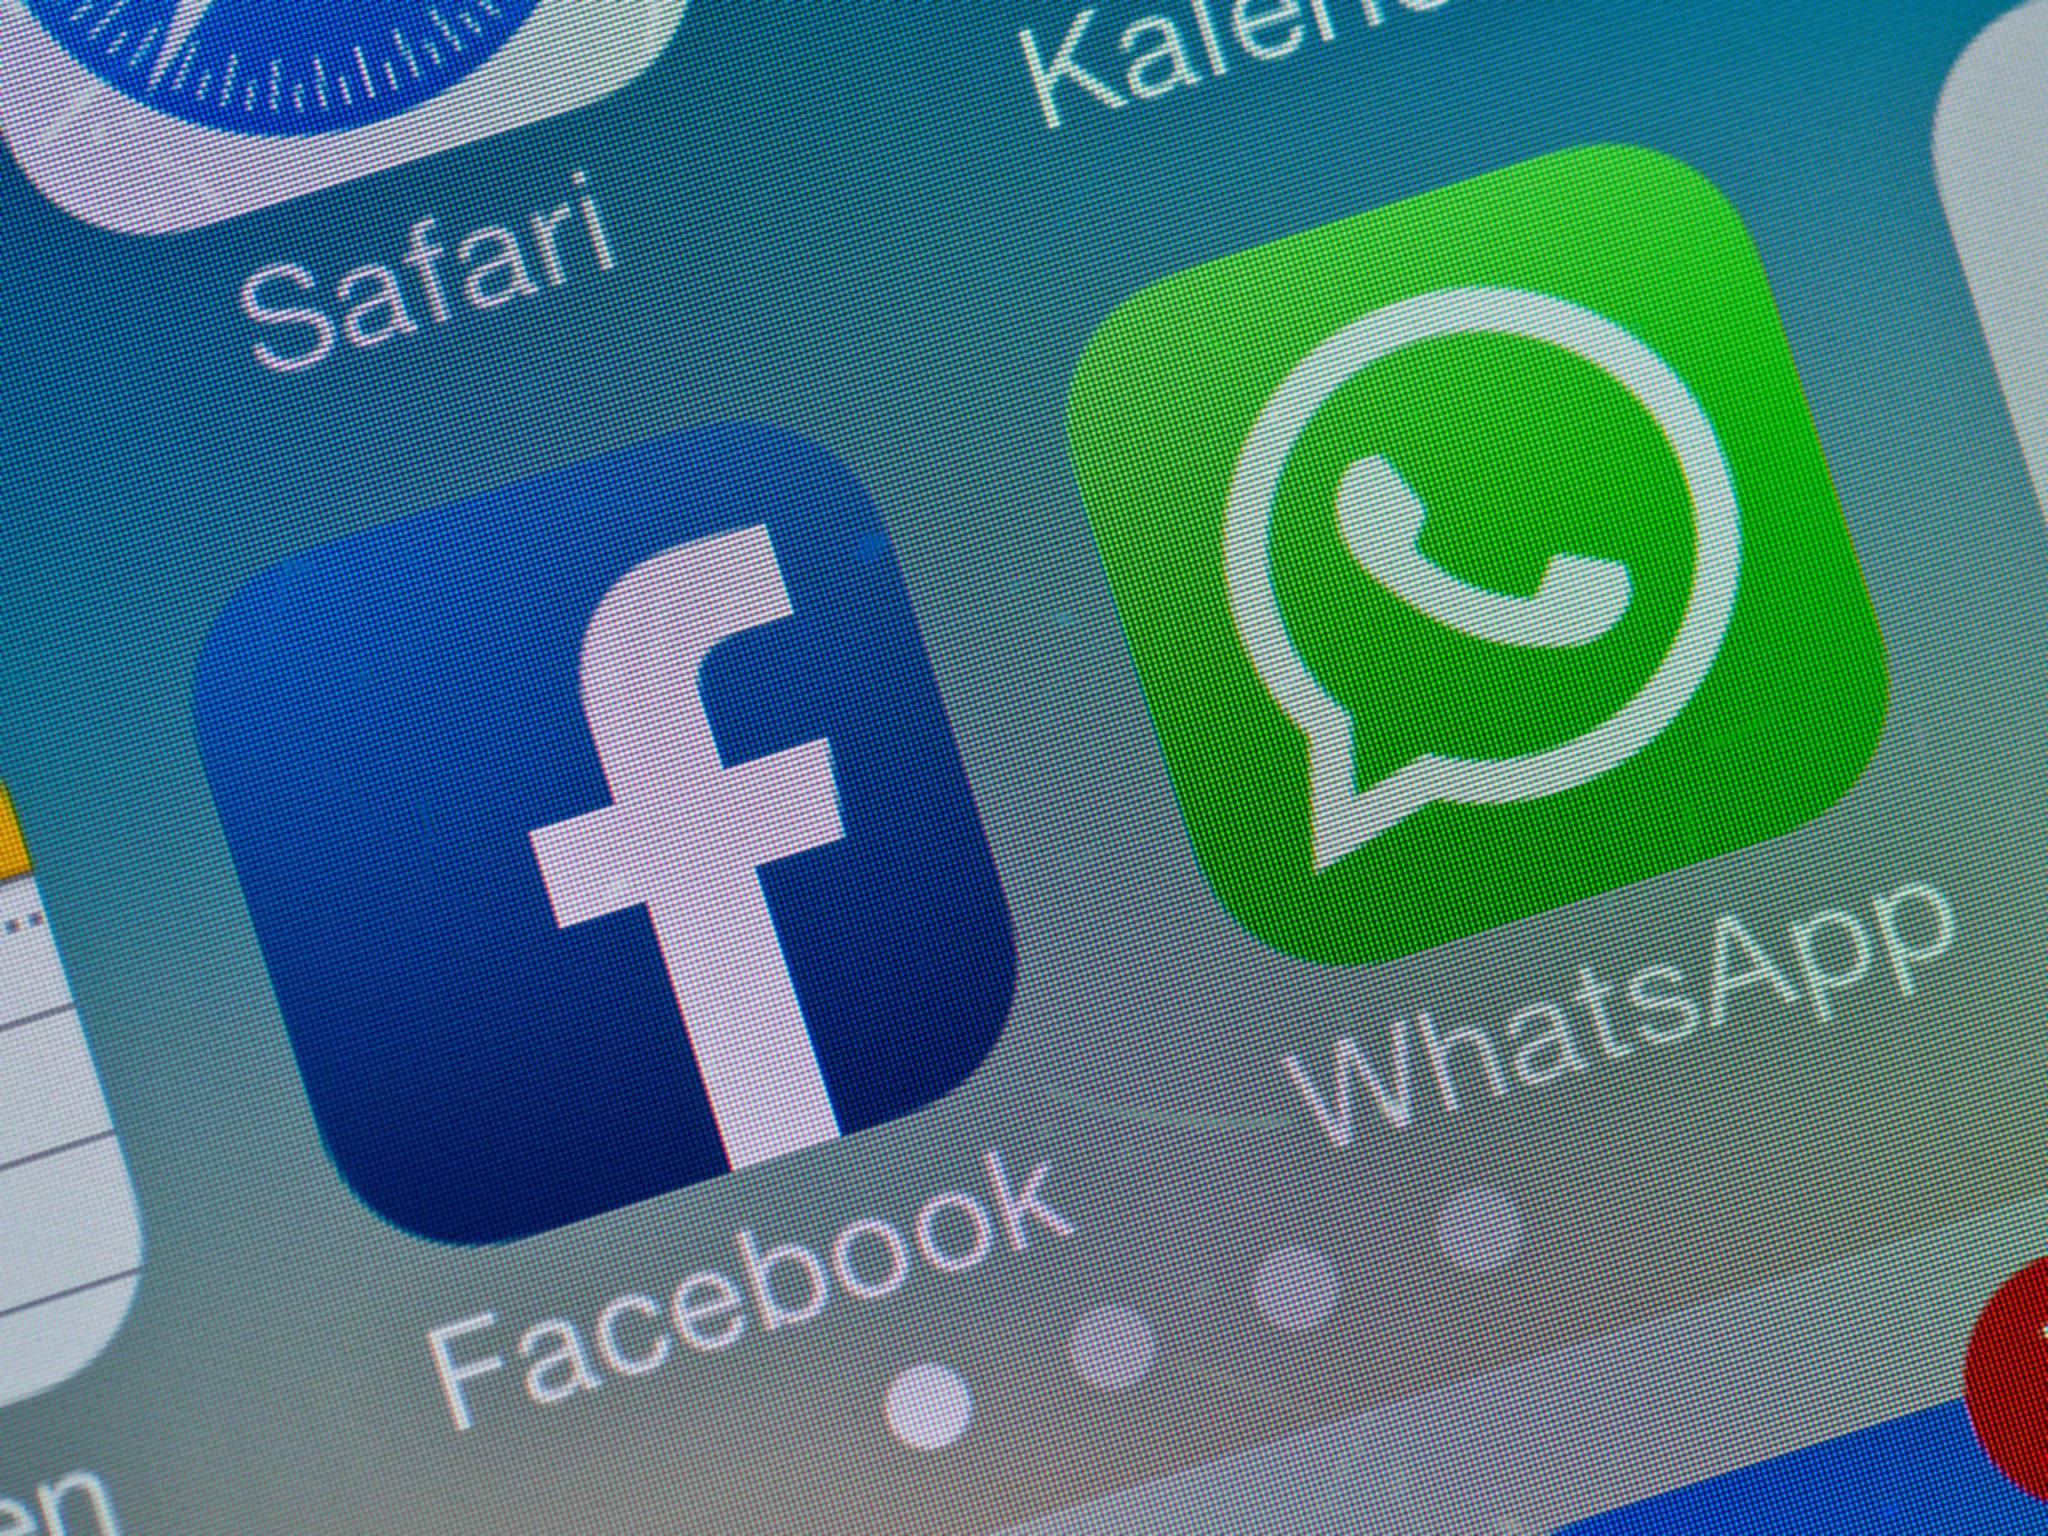 Facebook und WhatsApp: Trotz Verschlüsselung bleibt der Umgang mit dem Datenschutz unsauber.